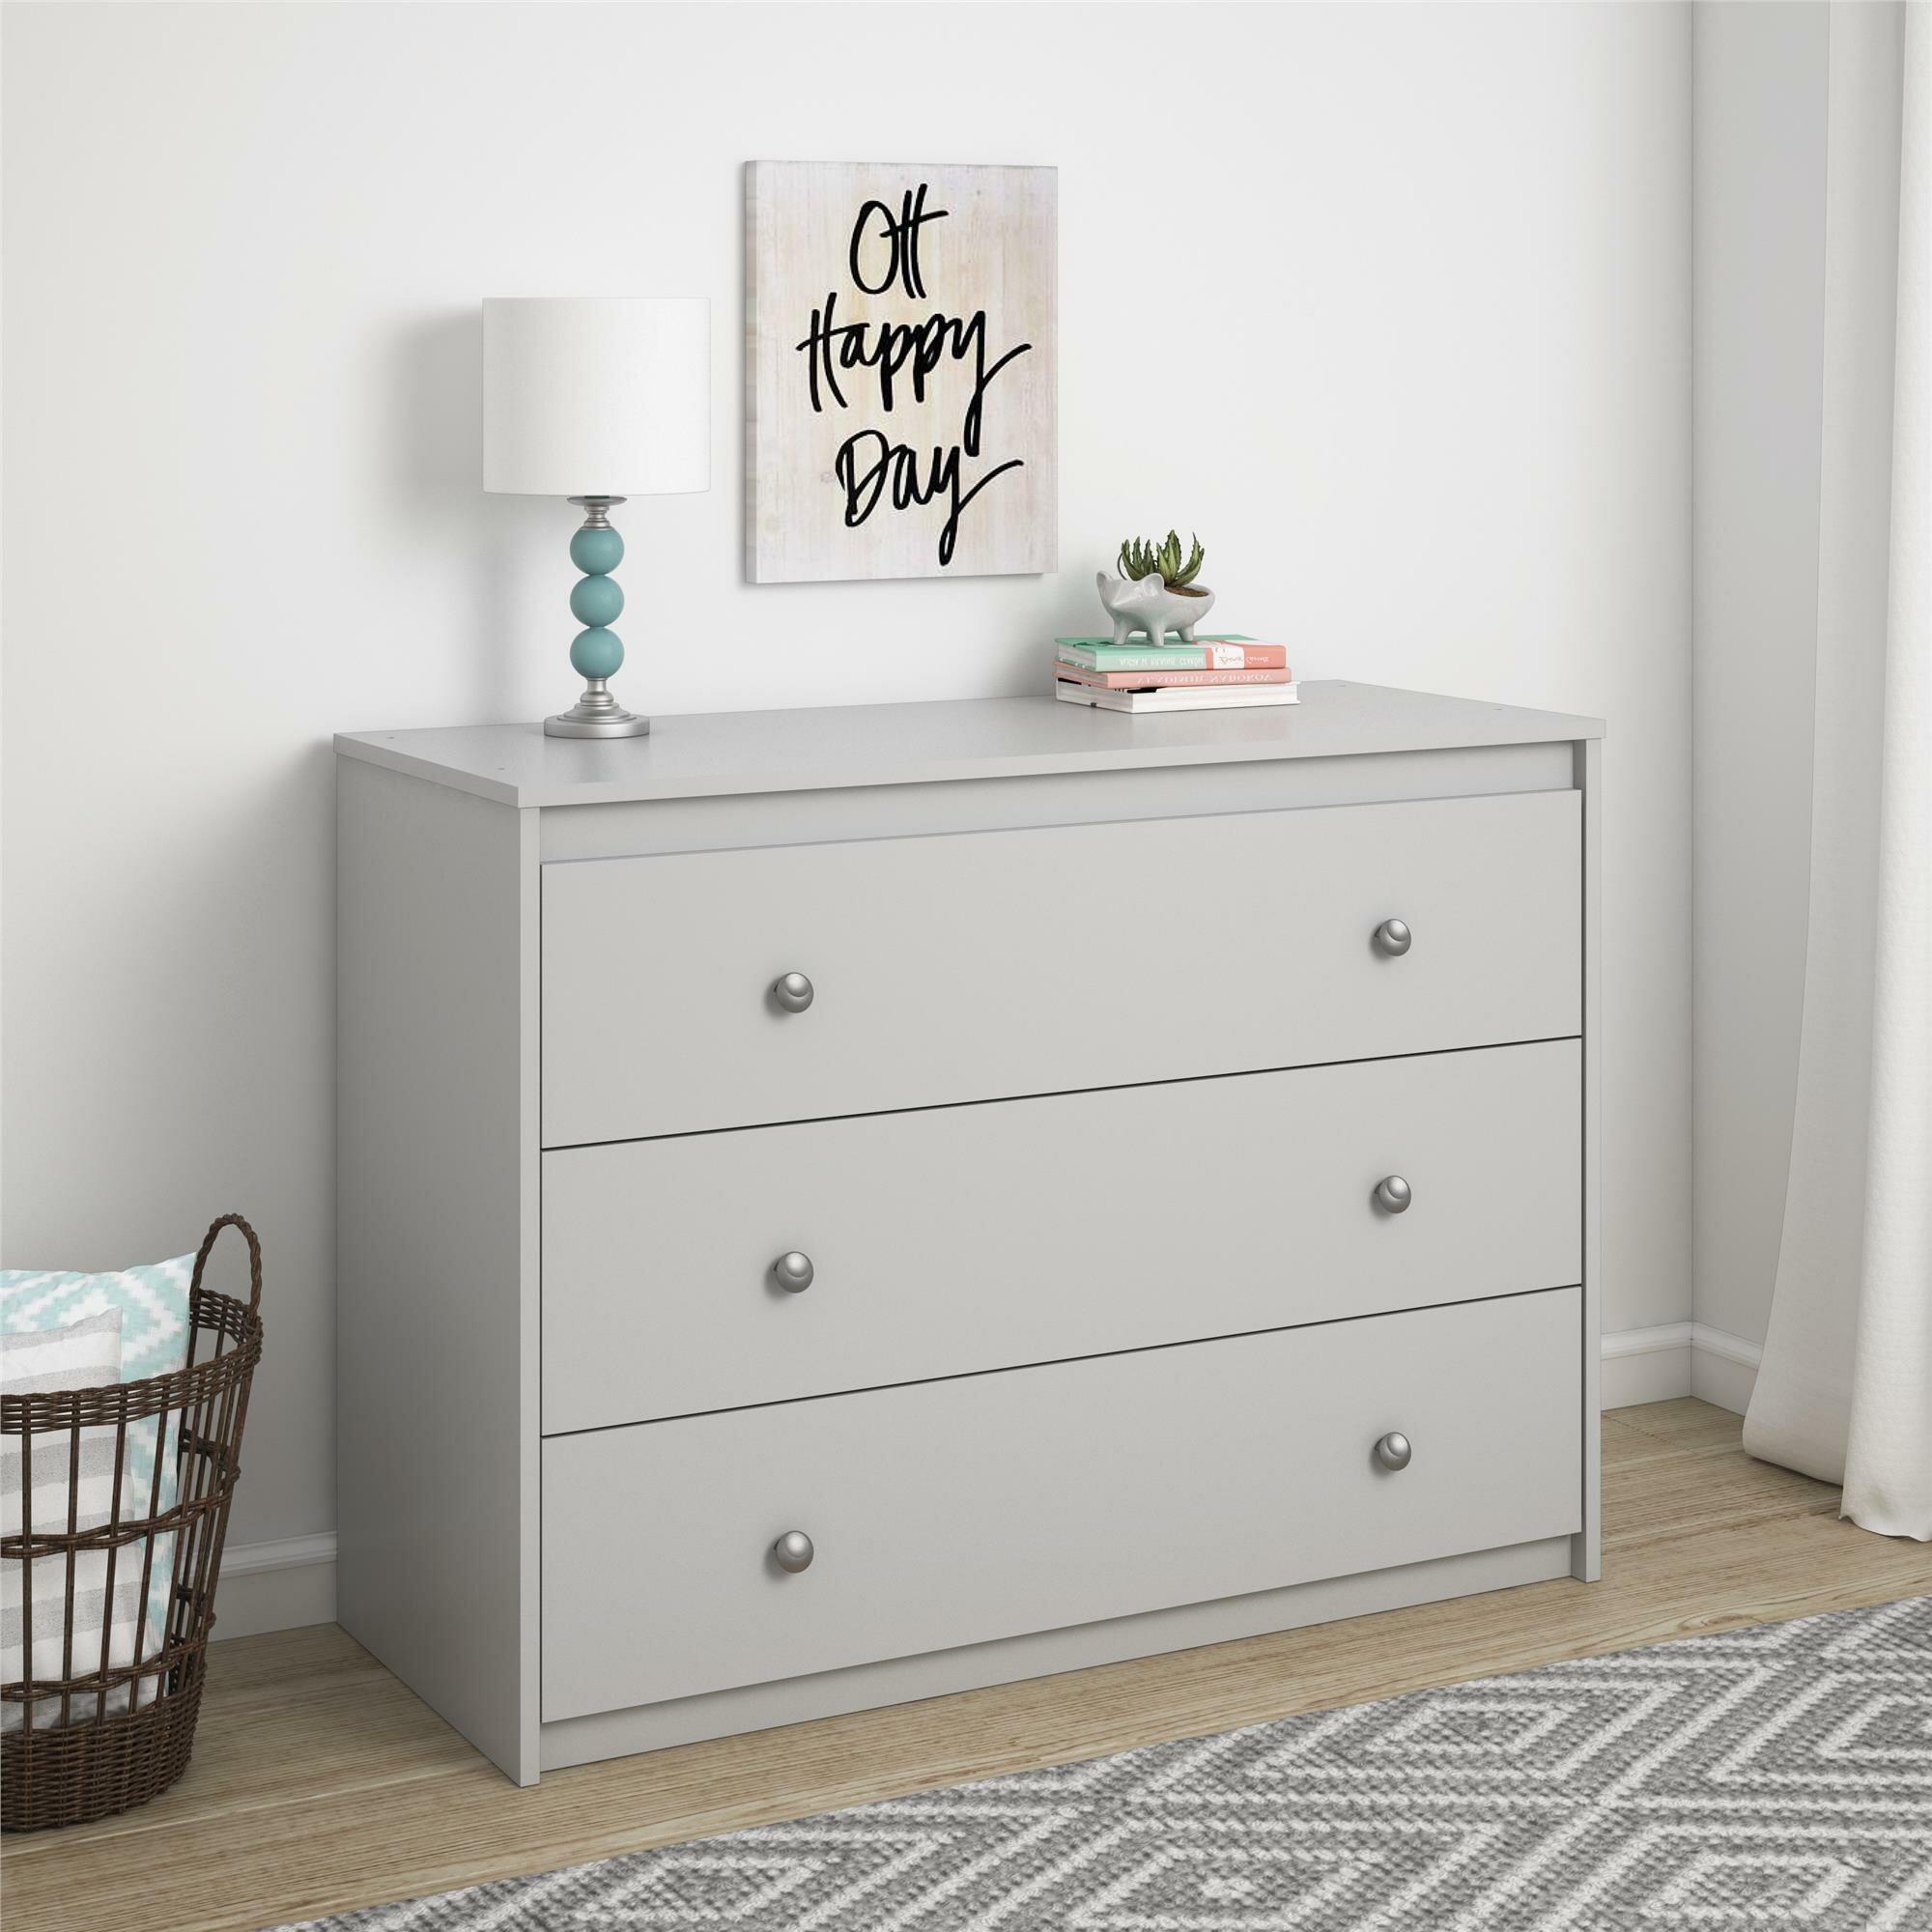 958a07612 Amak 3 Drawer Dresser   Reviews